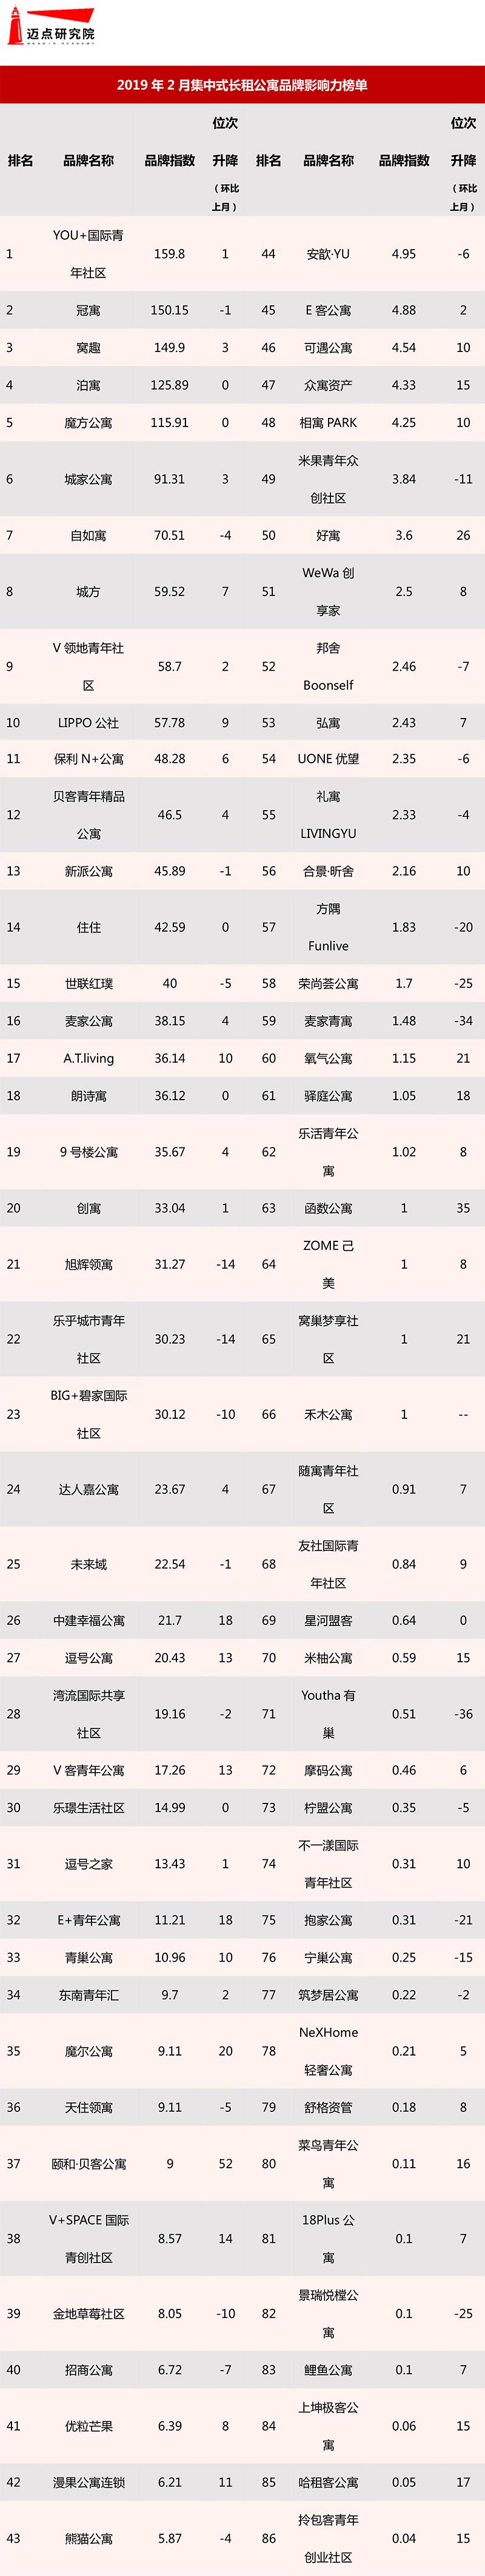 2019年2月集中式长租公寓品牌影响力榜单.jpg